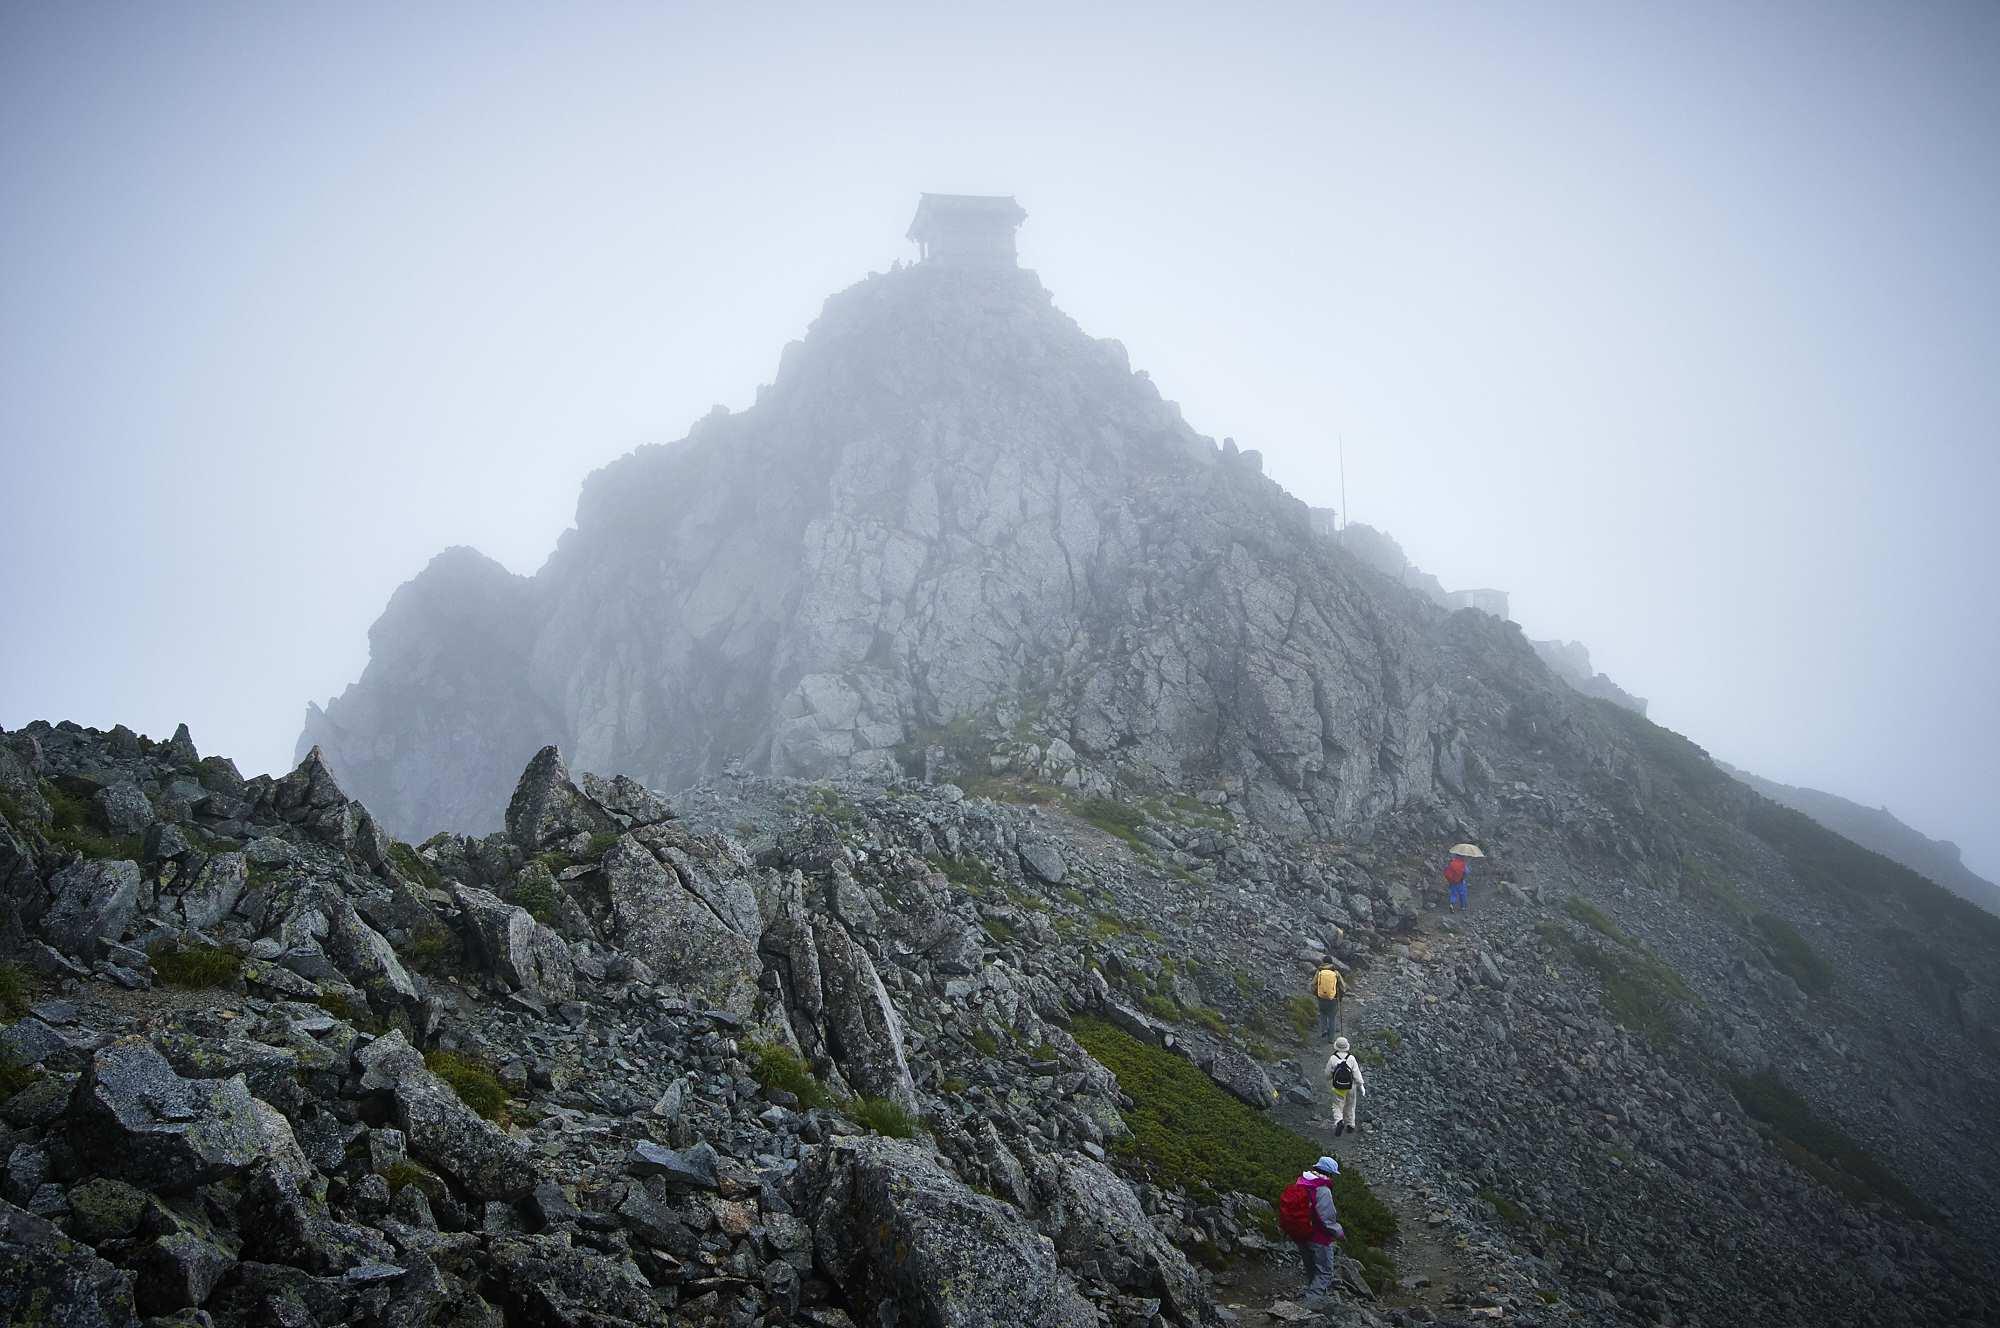 北アルプスの立山の登山道の雄山神社